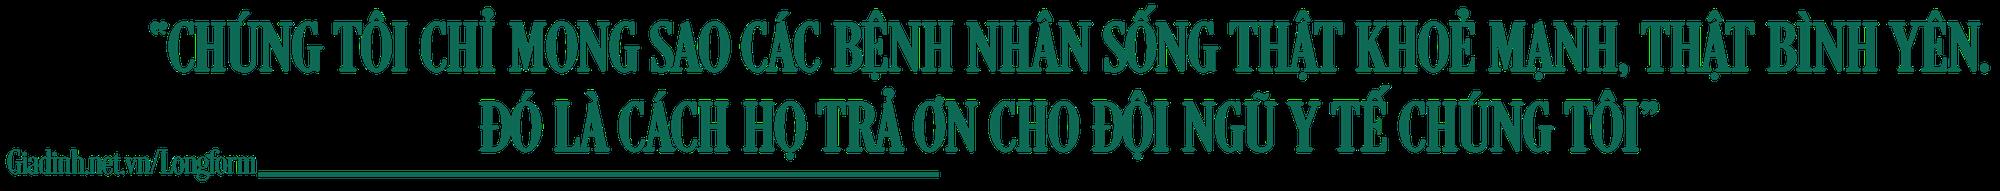 """BSCKII Trần Thanh Linh:""""Những ngày tháng này chúng tôi không gọi nhau là đồng nghiệp mà là đồng đội"""" - 7"""